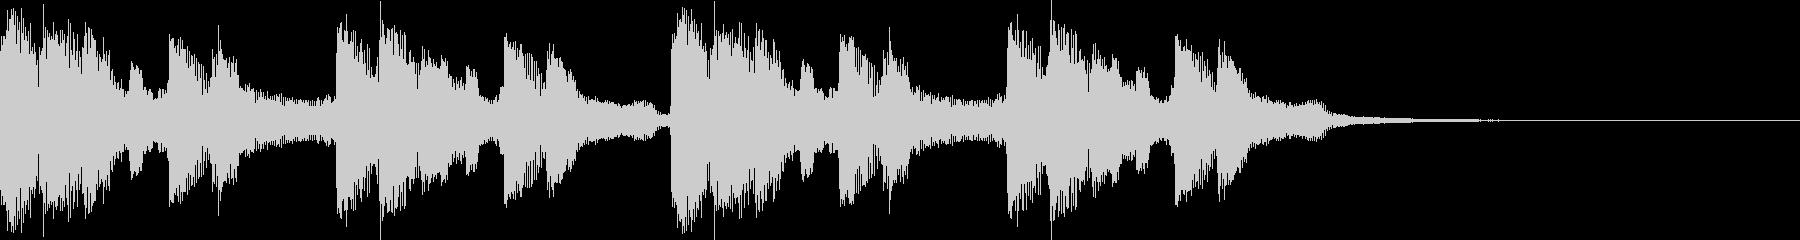 エレクトロなヒップホップジングルの未再生の波形